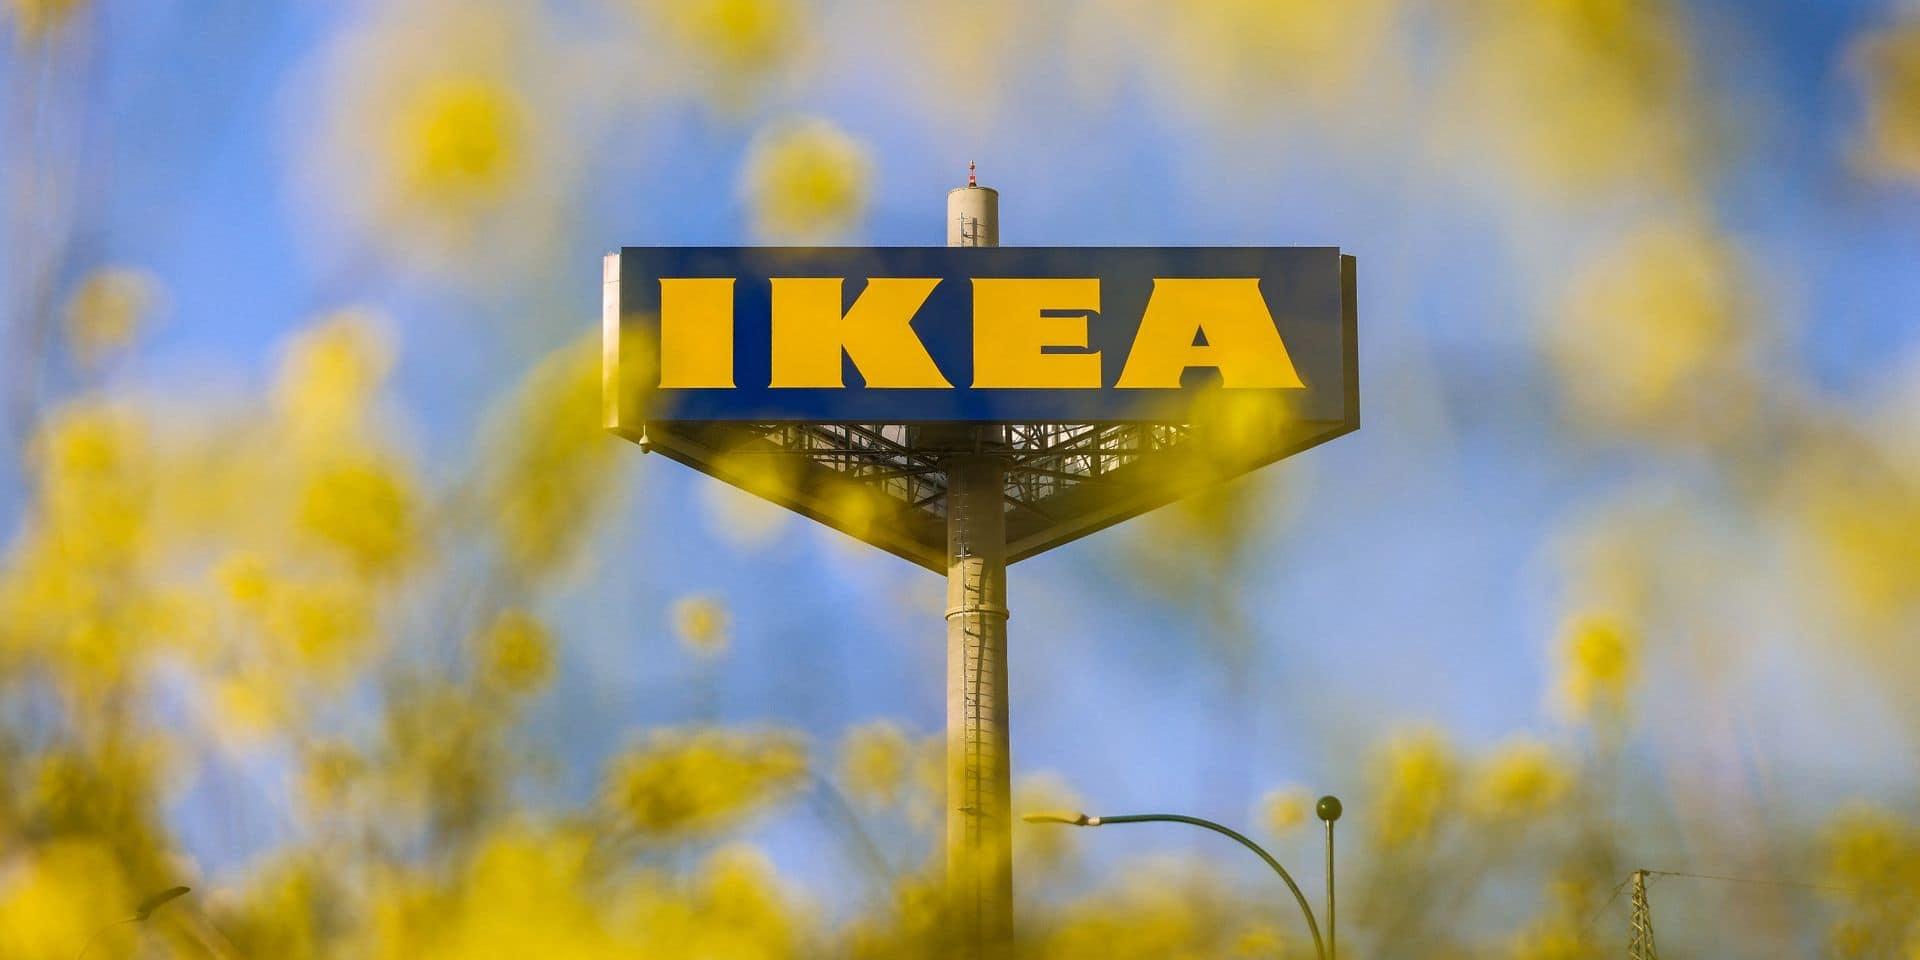 """""""Votre plateforme ne fonctionne pas"""", """"Impossible"""", """"De la daube"""": IKEA rencontre des problèmes pour la prise de rendez-vous"""